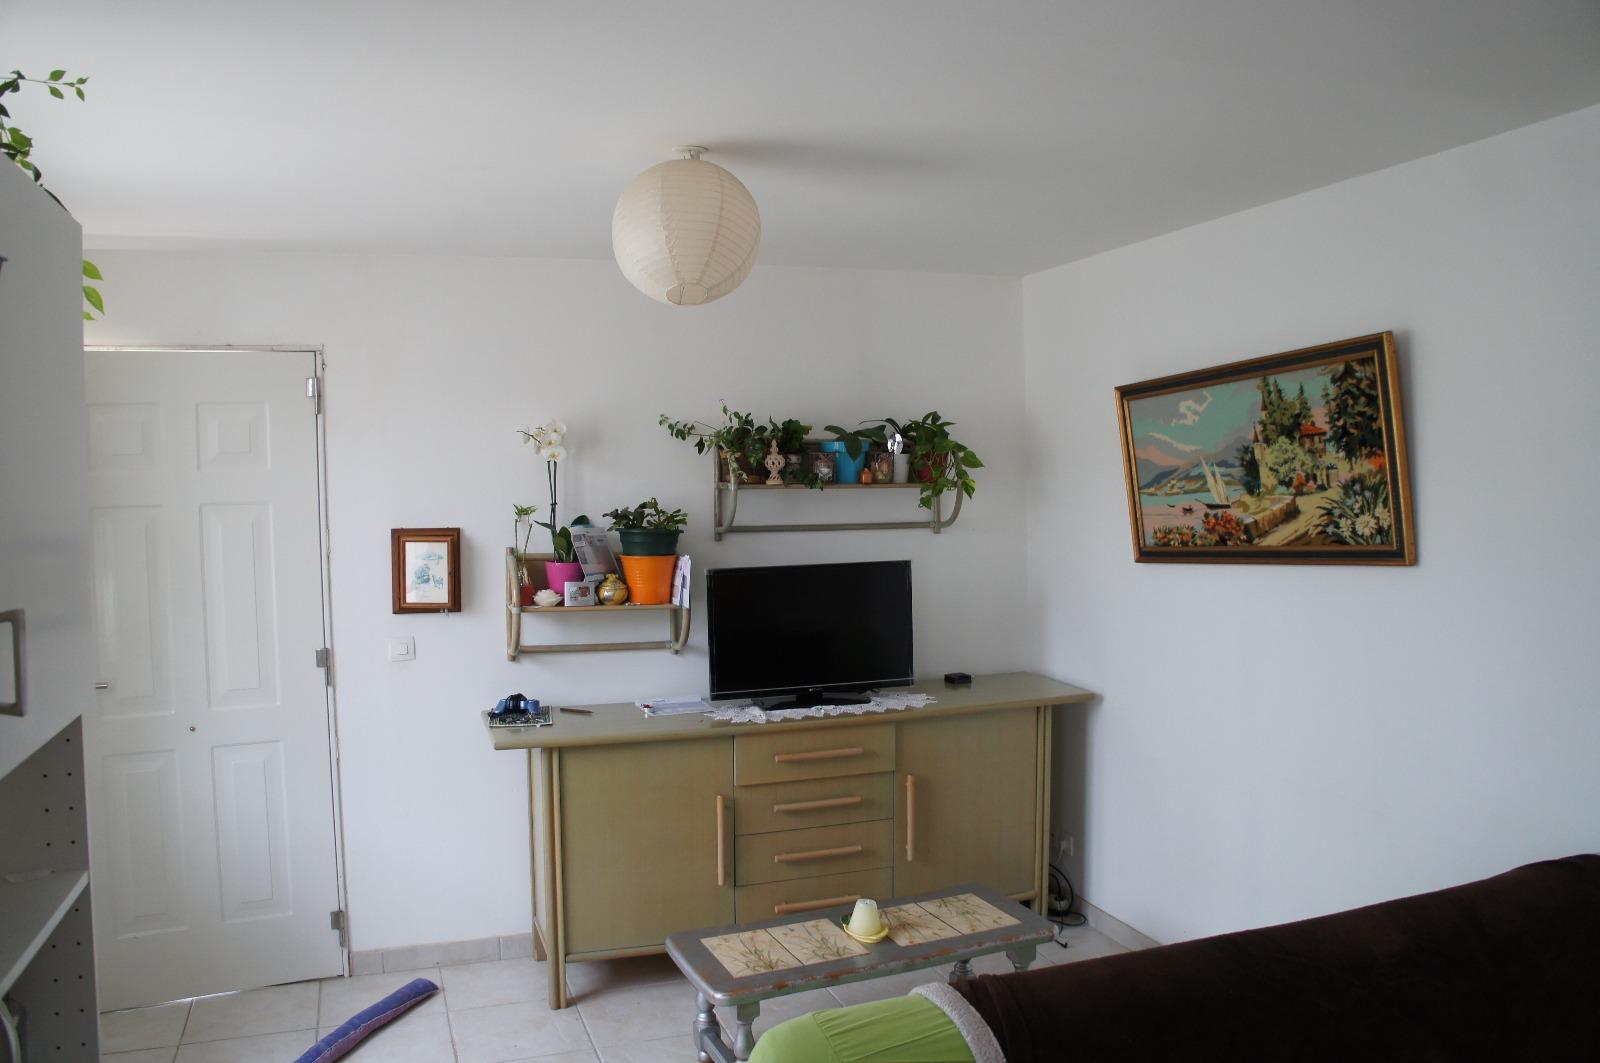 Location appt f2 Ballancourt Sur Essonne (91610), 40m² avec 3 pièce(s) dont 2